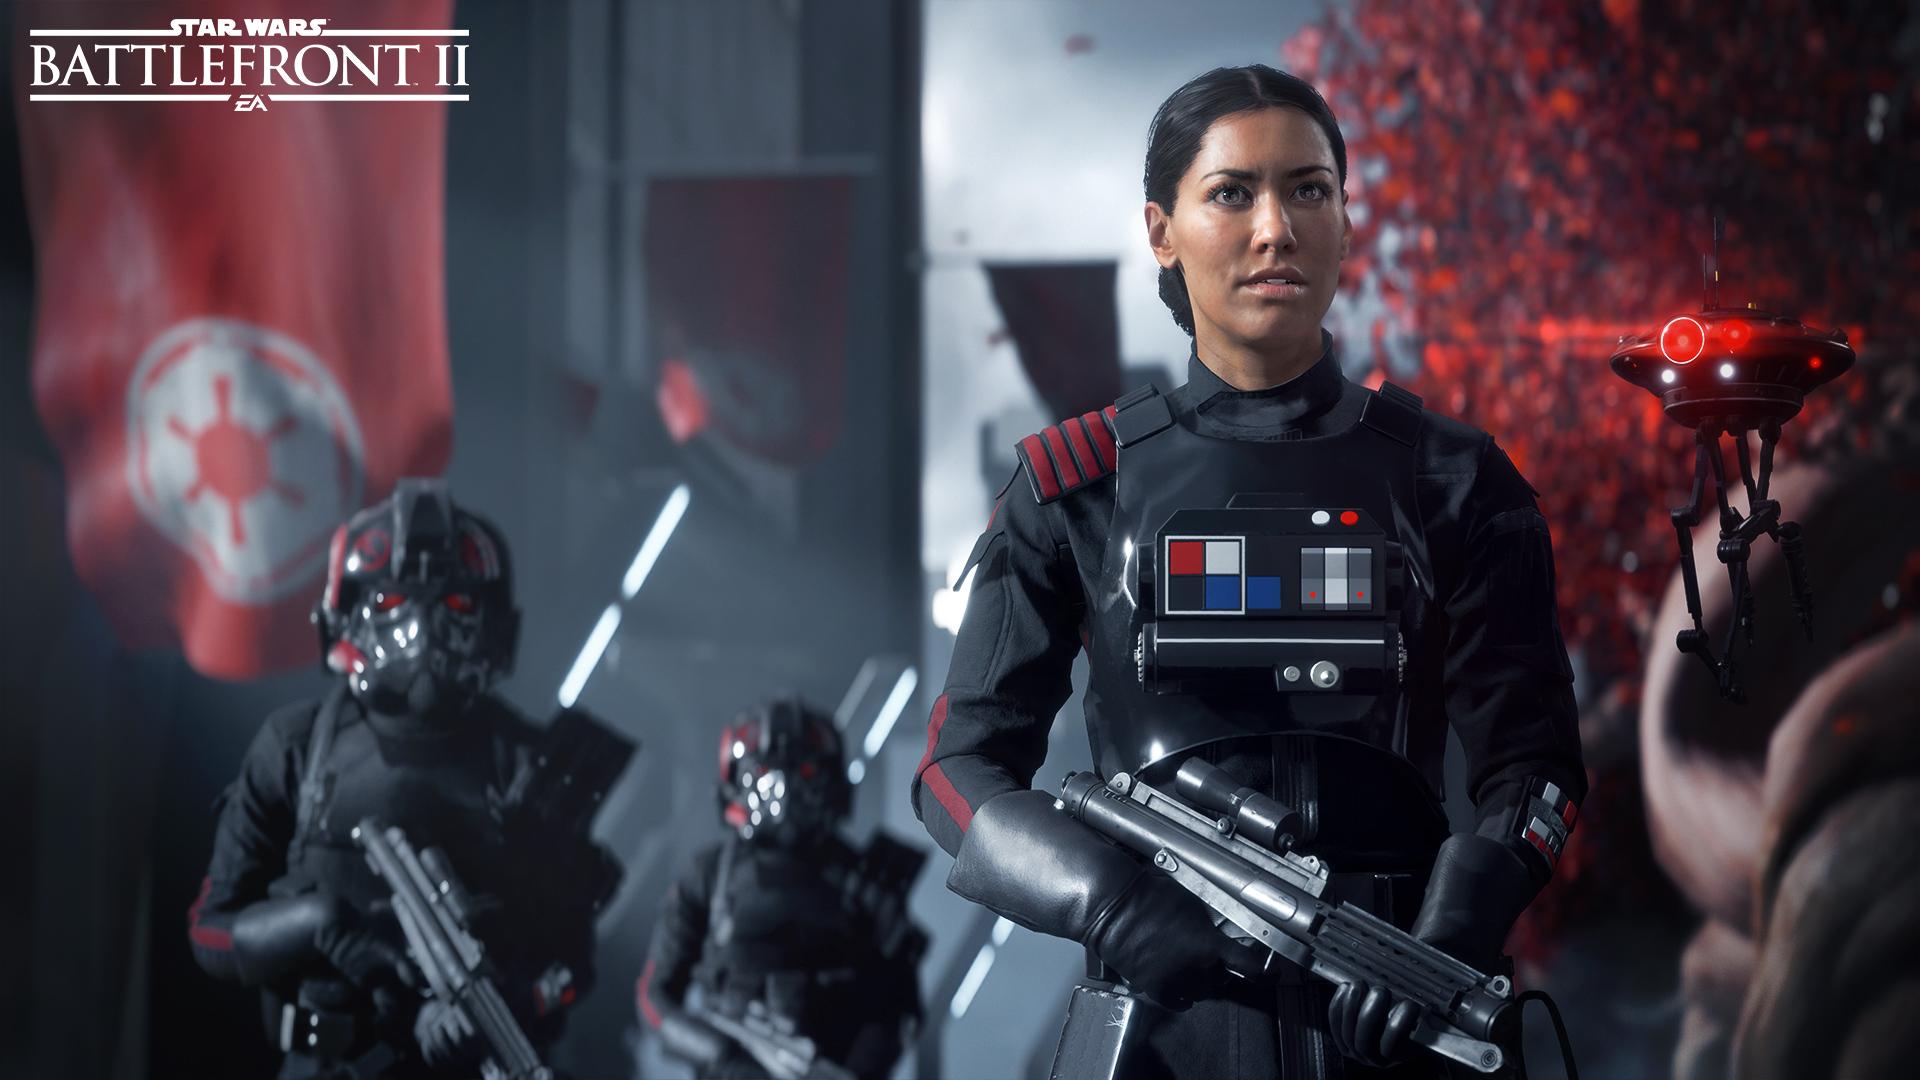 En Battlefront II jugarás con el lado oscuro de la Fuerza